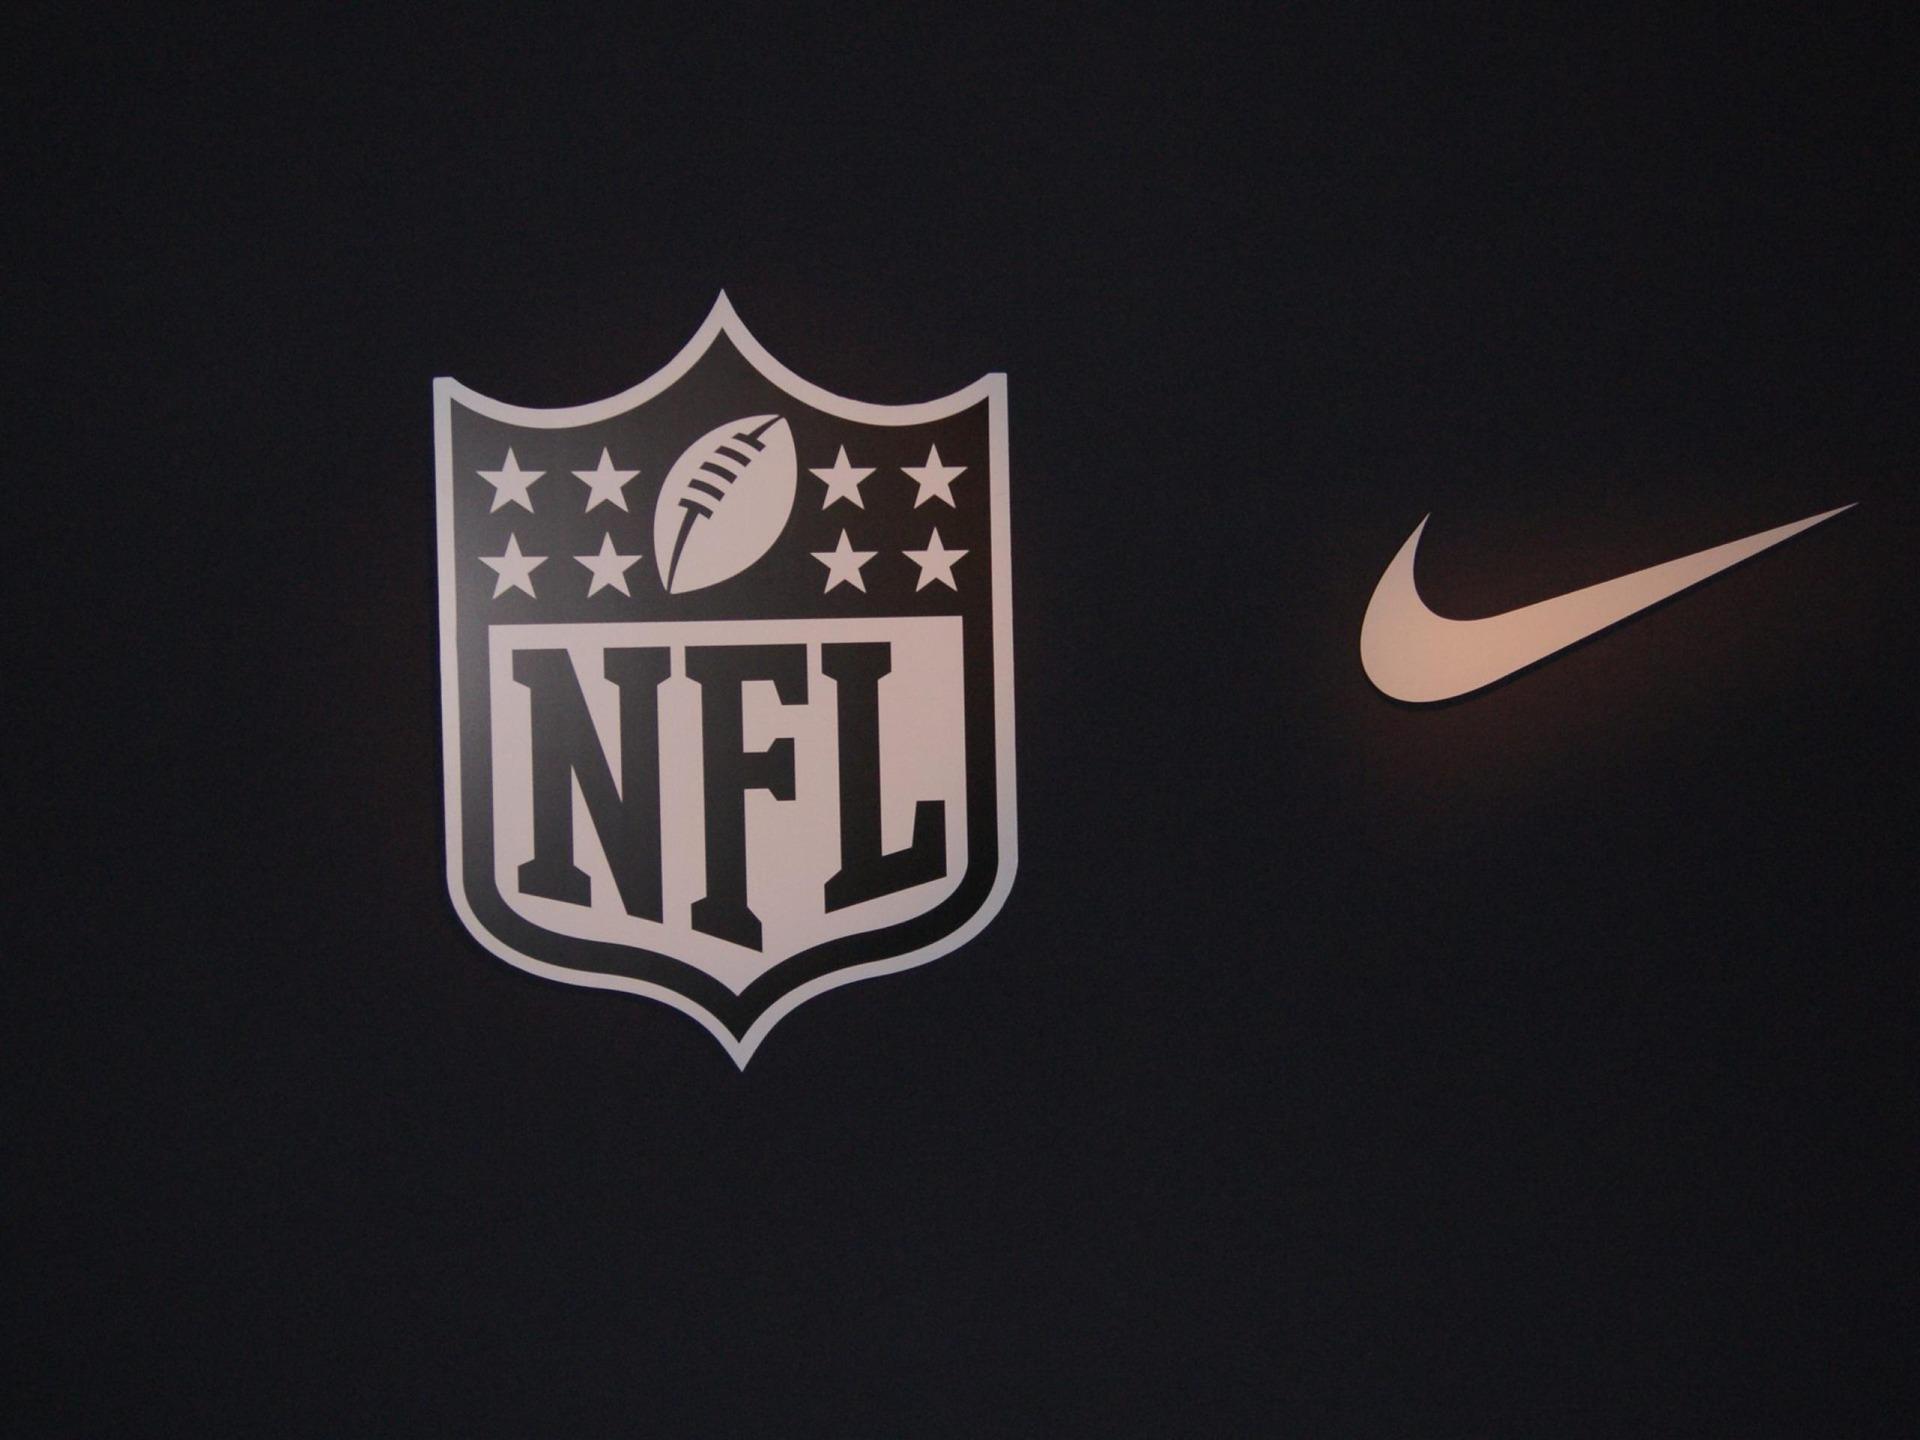 Nike nfl fond d 39 cran publicit de marque 1920x1440 for Fond ecran marque